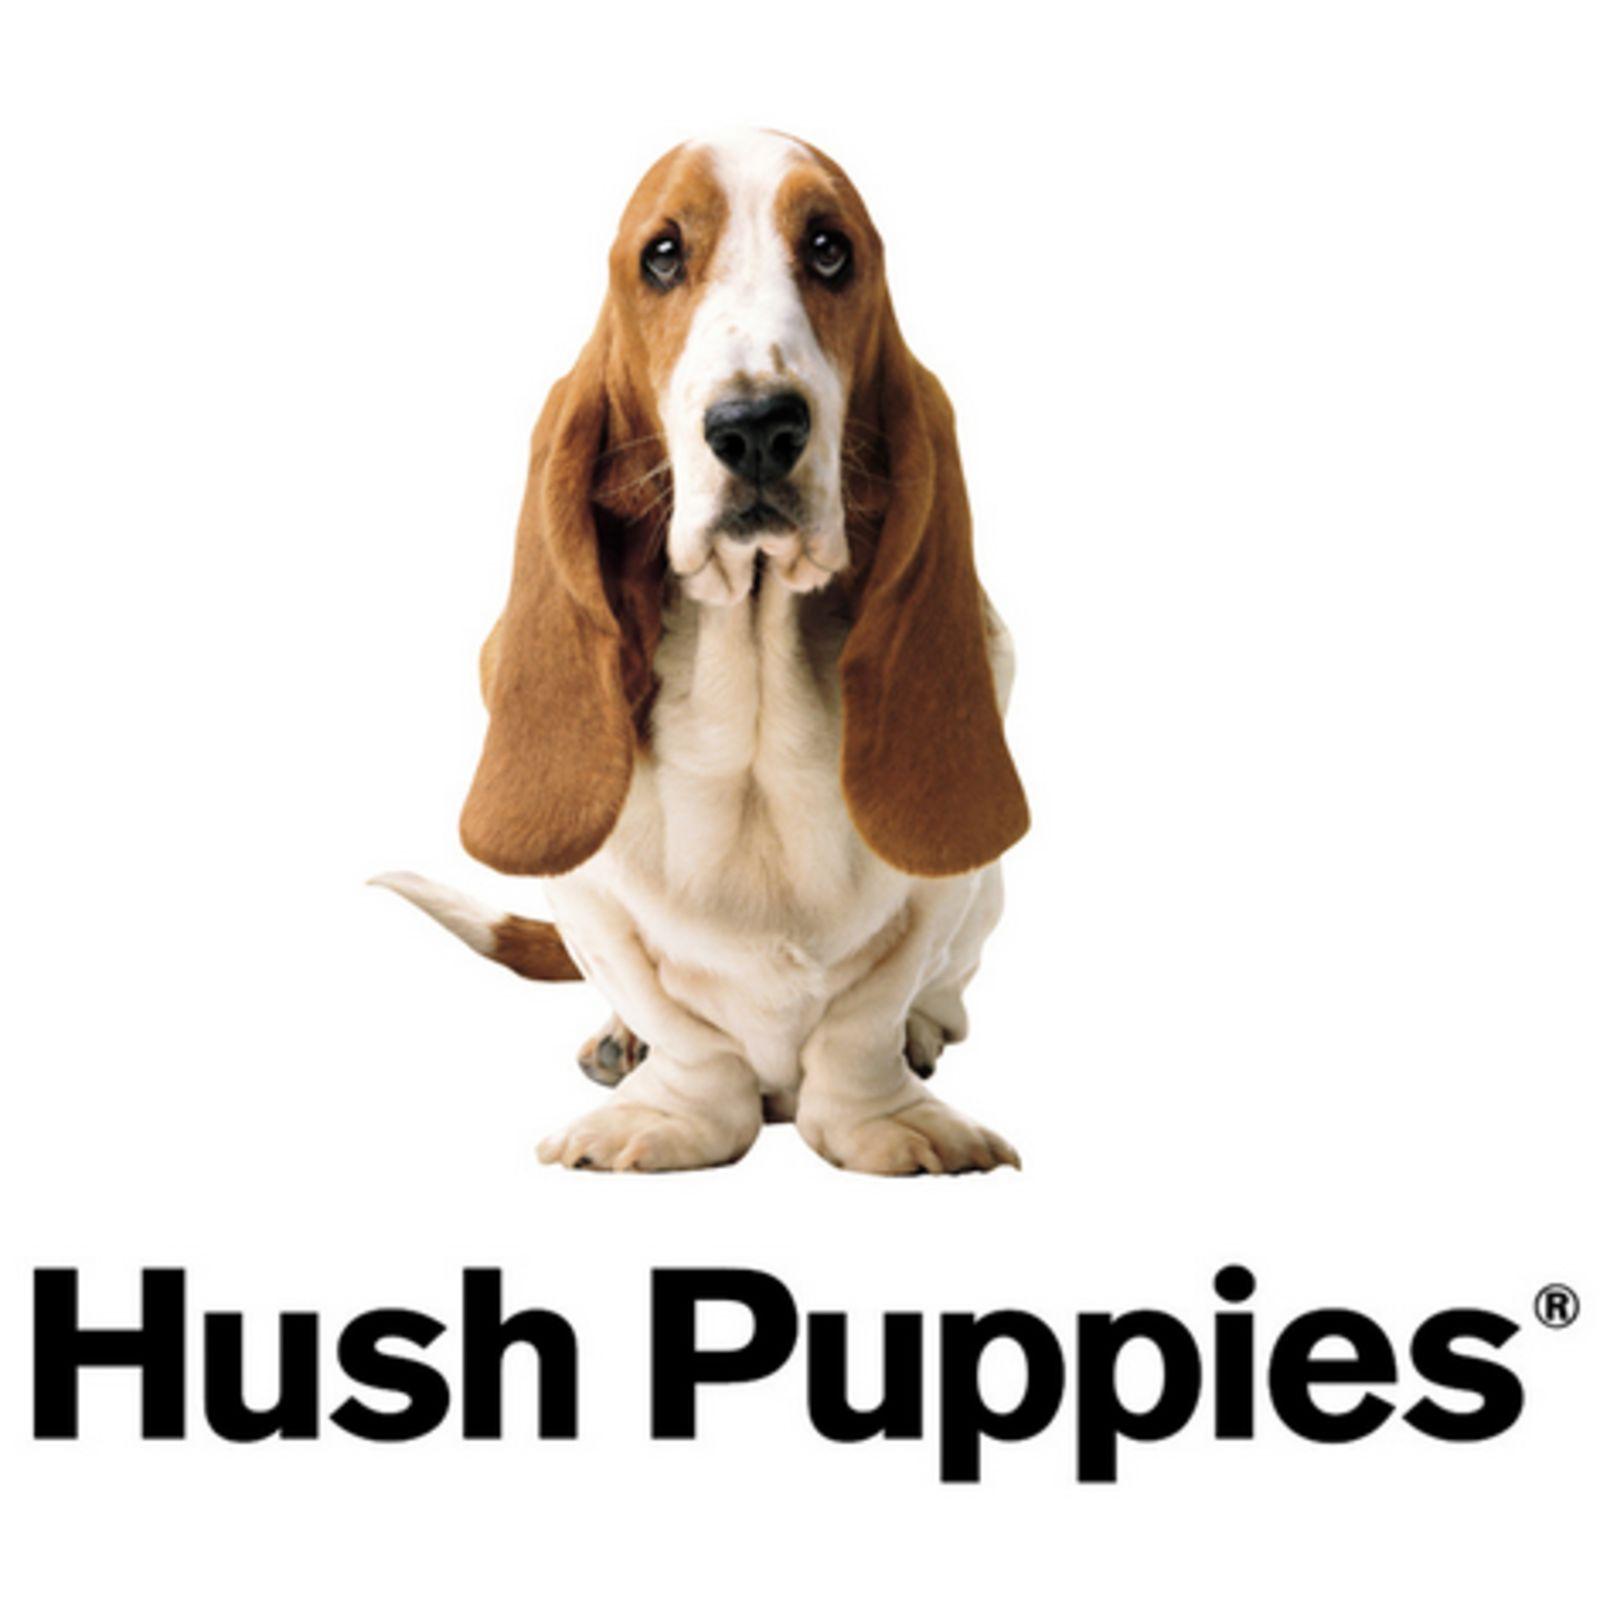 hush puppies gesch fte in konstanz thelabelfinder. Black Bedroom Furniture Sets. Home Design Ideas